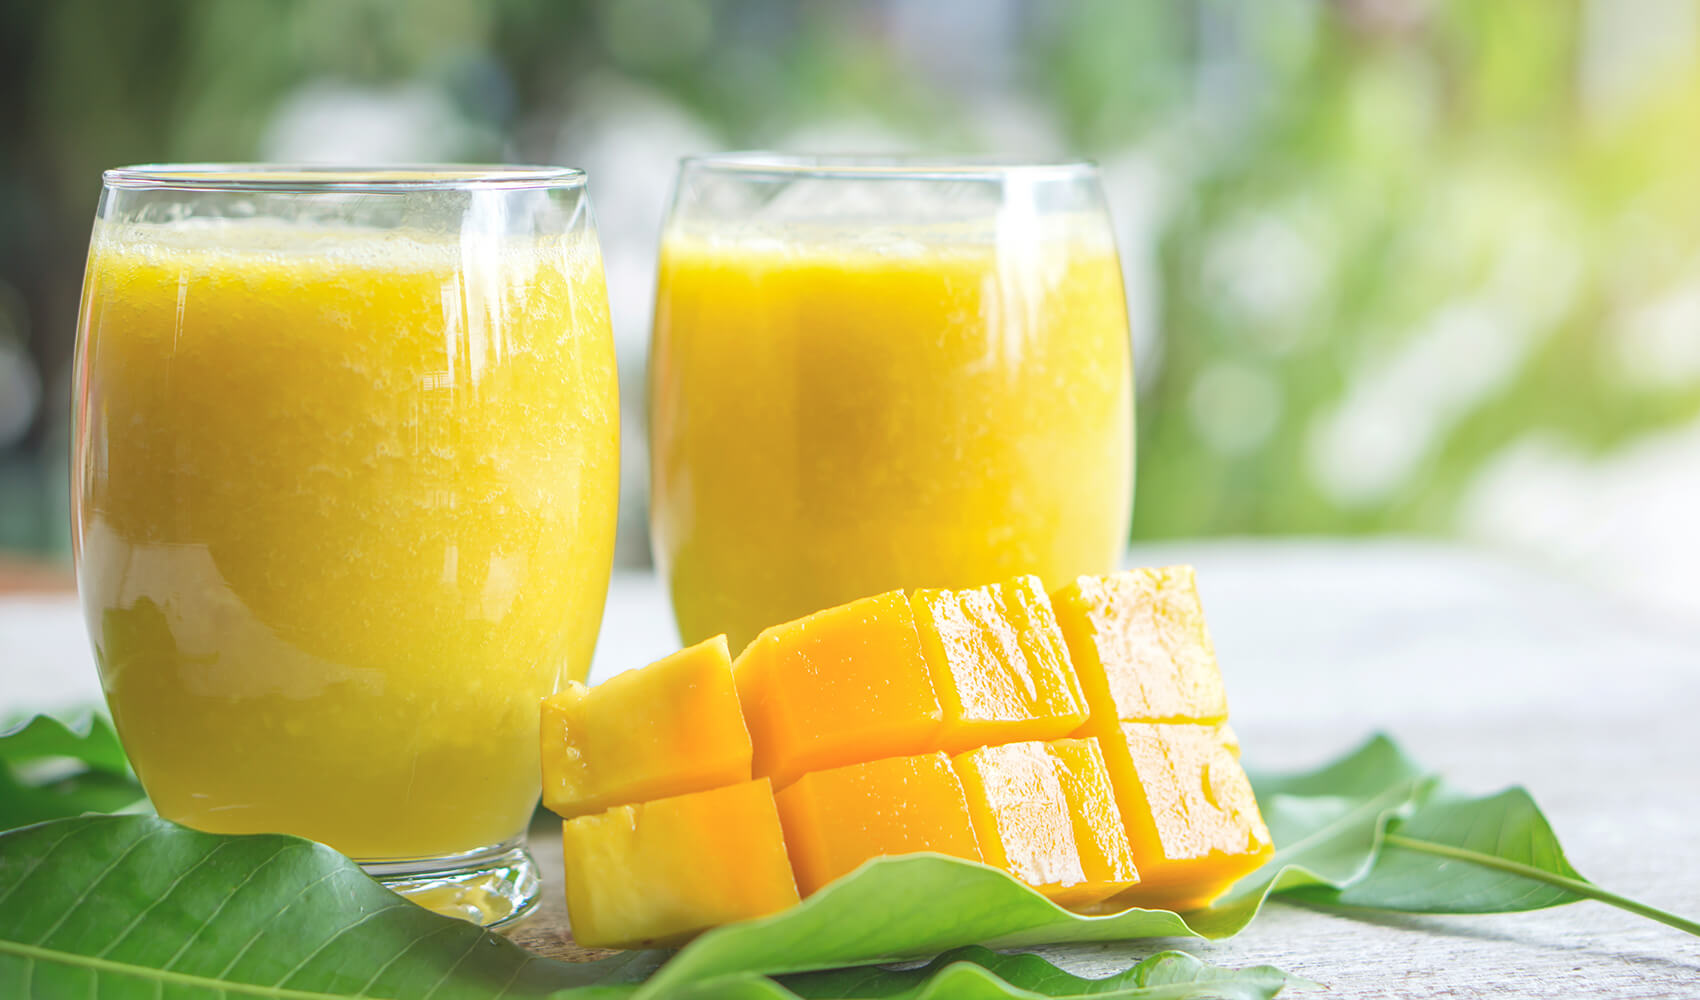 Mango-Pineapple Slushie